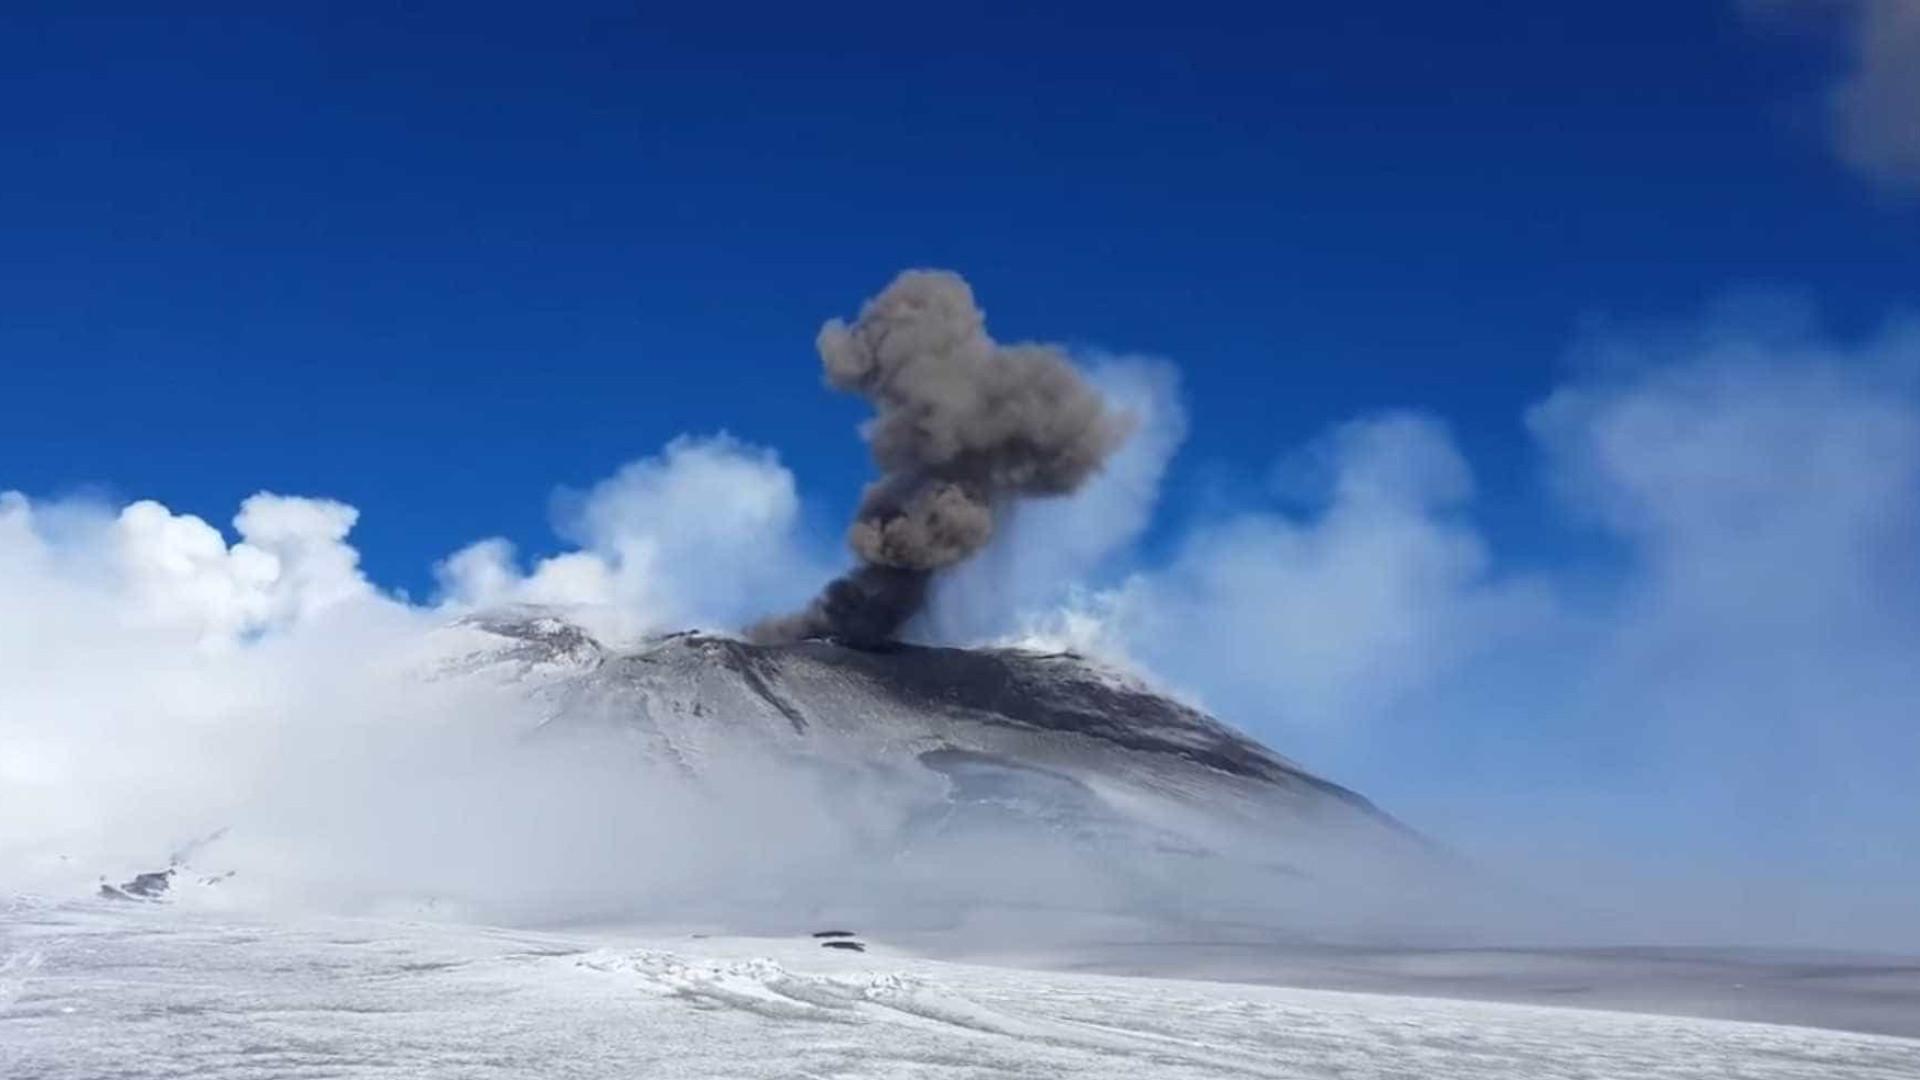 Filipinas eleva alerta para erupção de vulcão e gera pânico